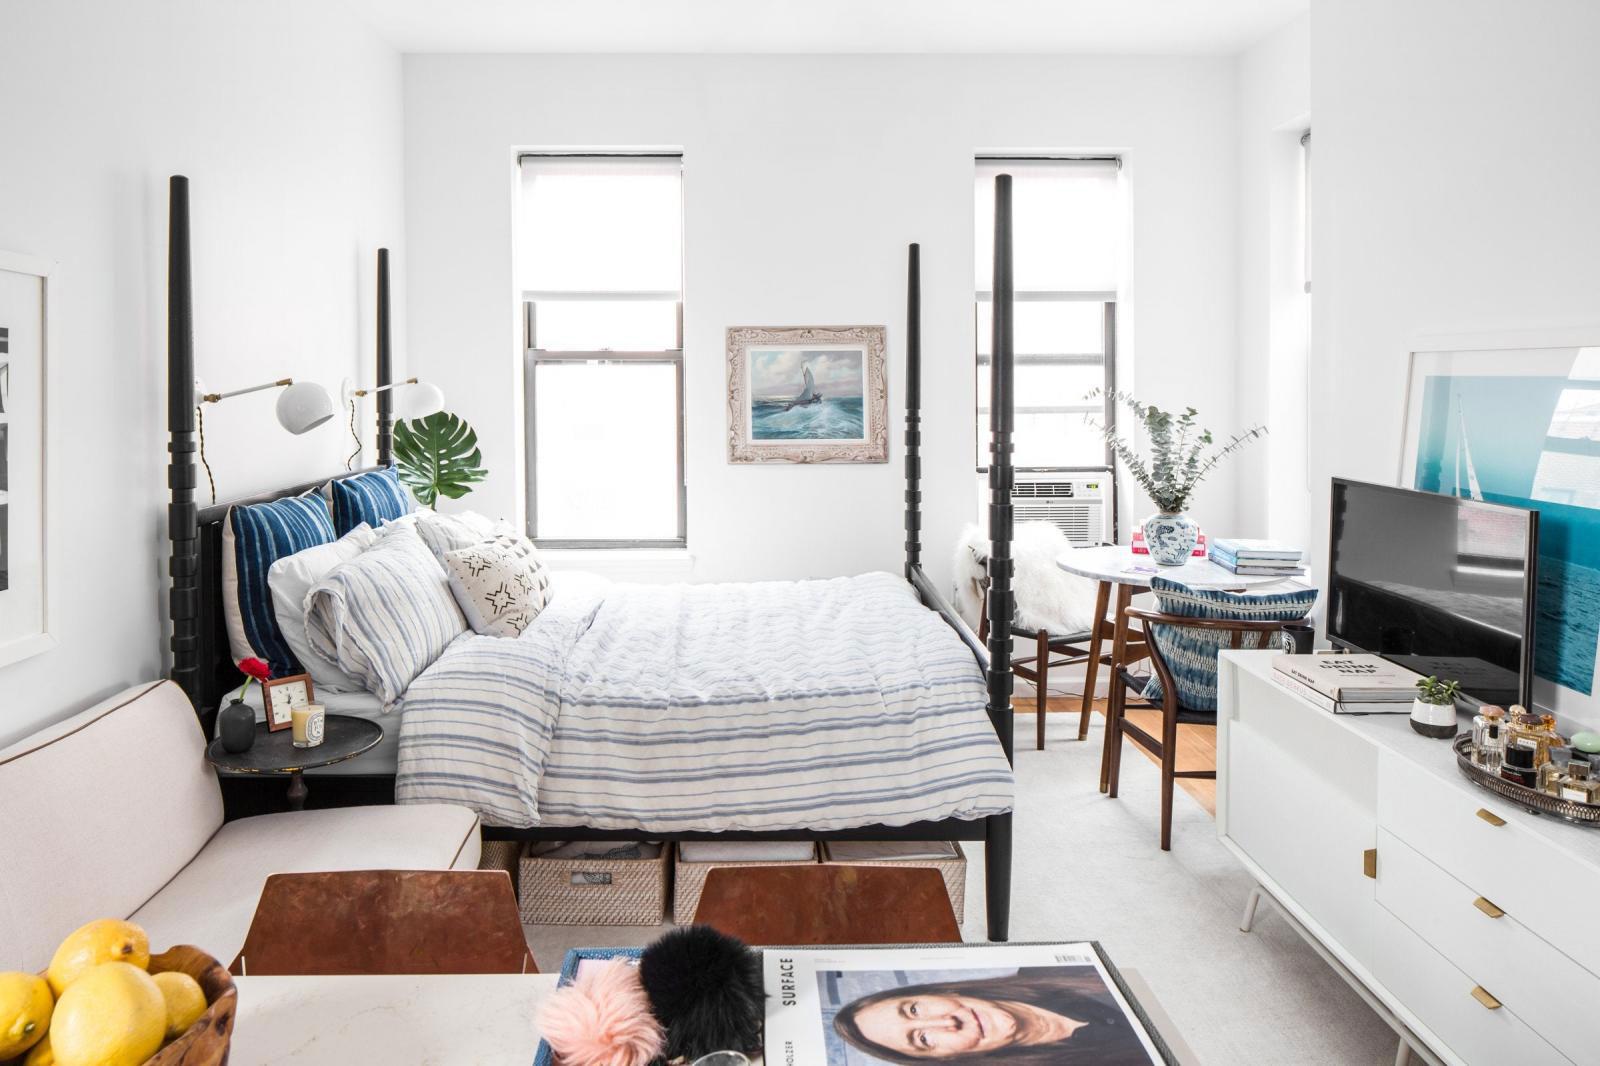 Vẫn là số tiền bạn phải bỏ ra hàng tháng để có không gian sống hàng tháng, nếu trả góp thì khi hợp đồng kết thúc, bạn sẽ sở hữu bất động sản đứng tên chính mìnhv